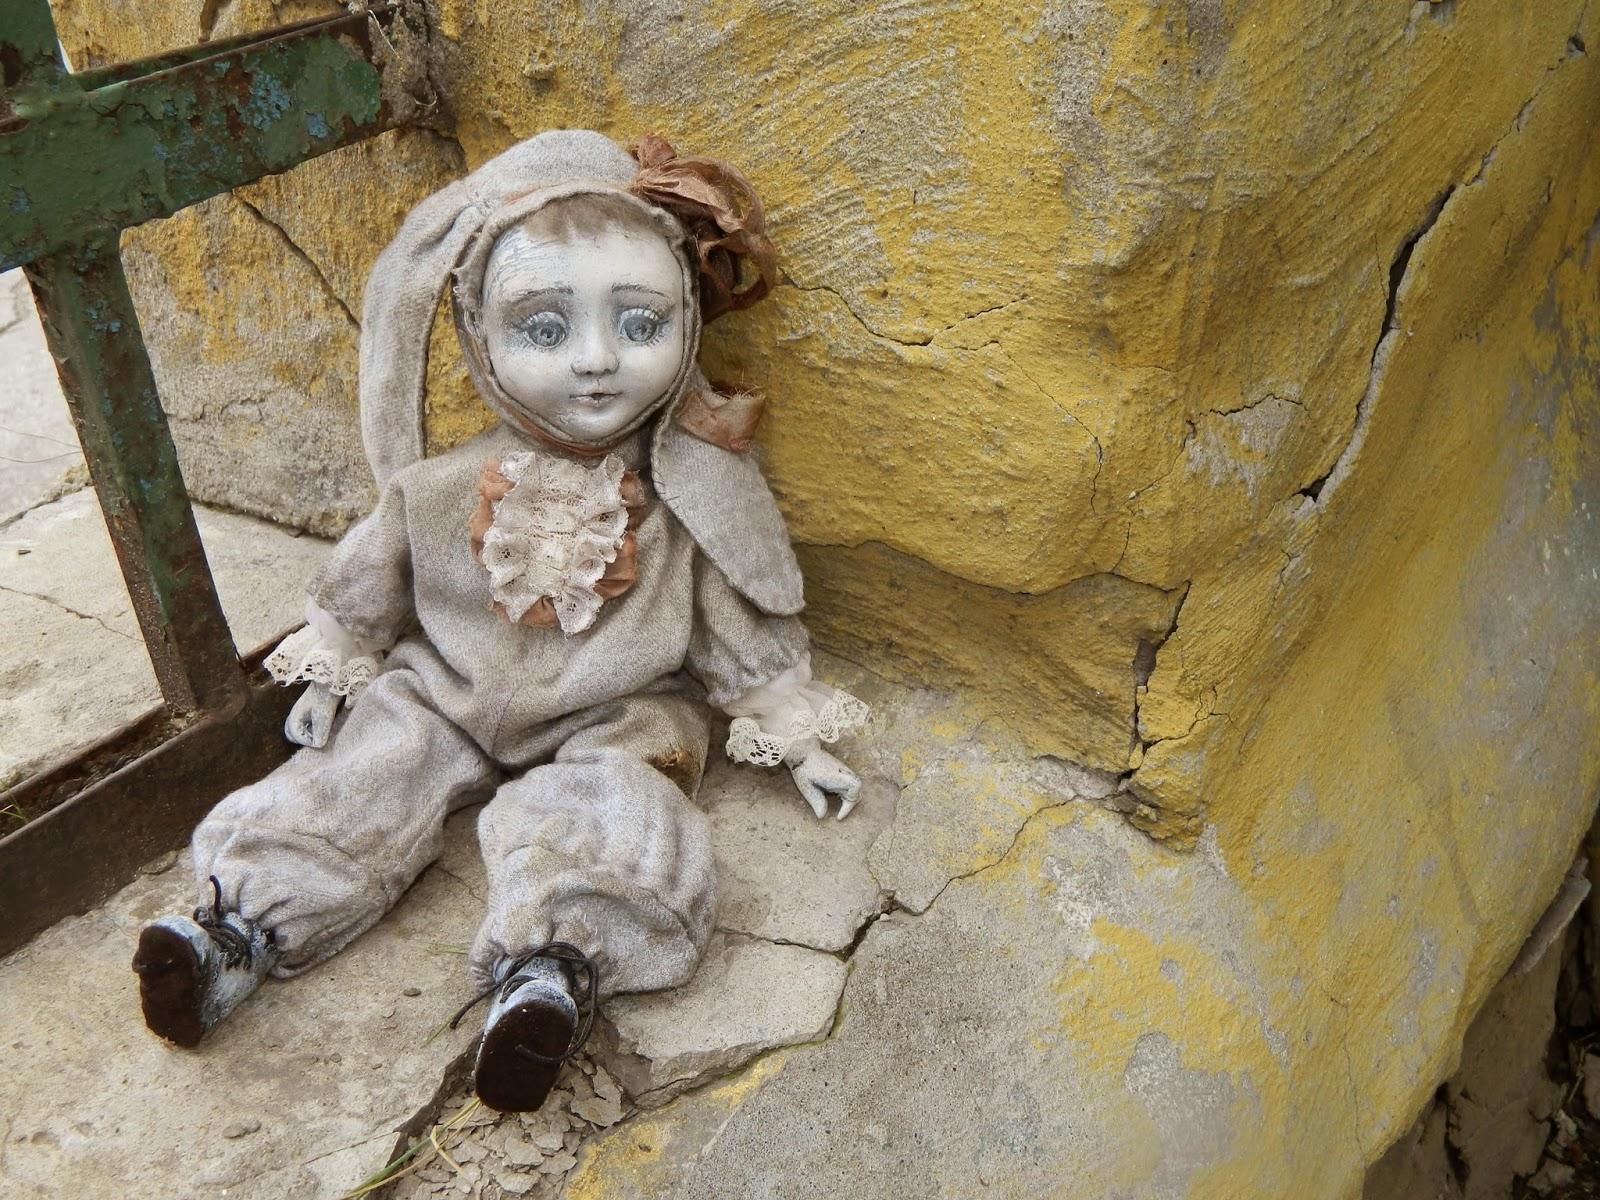 брошенная кукла под дождем